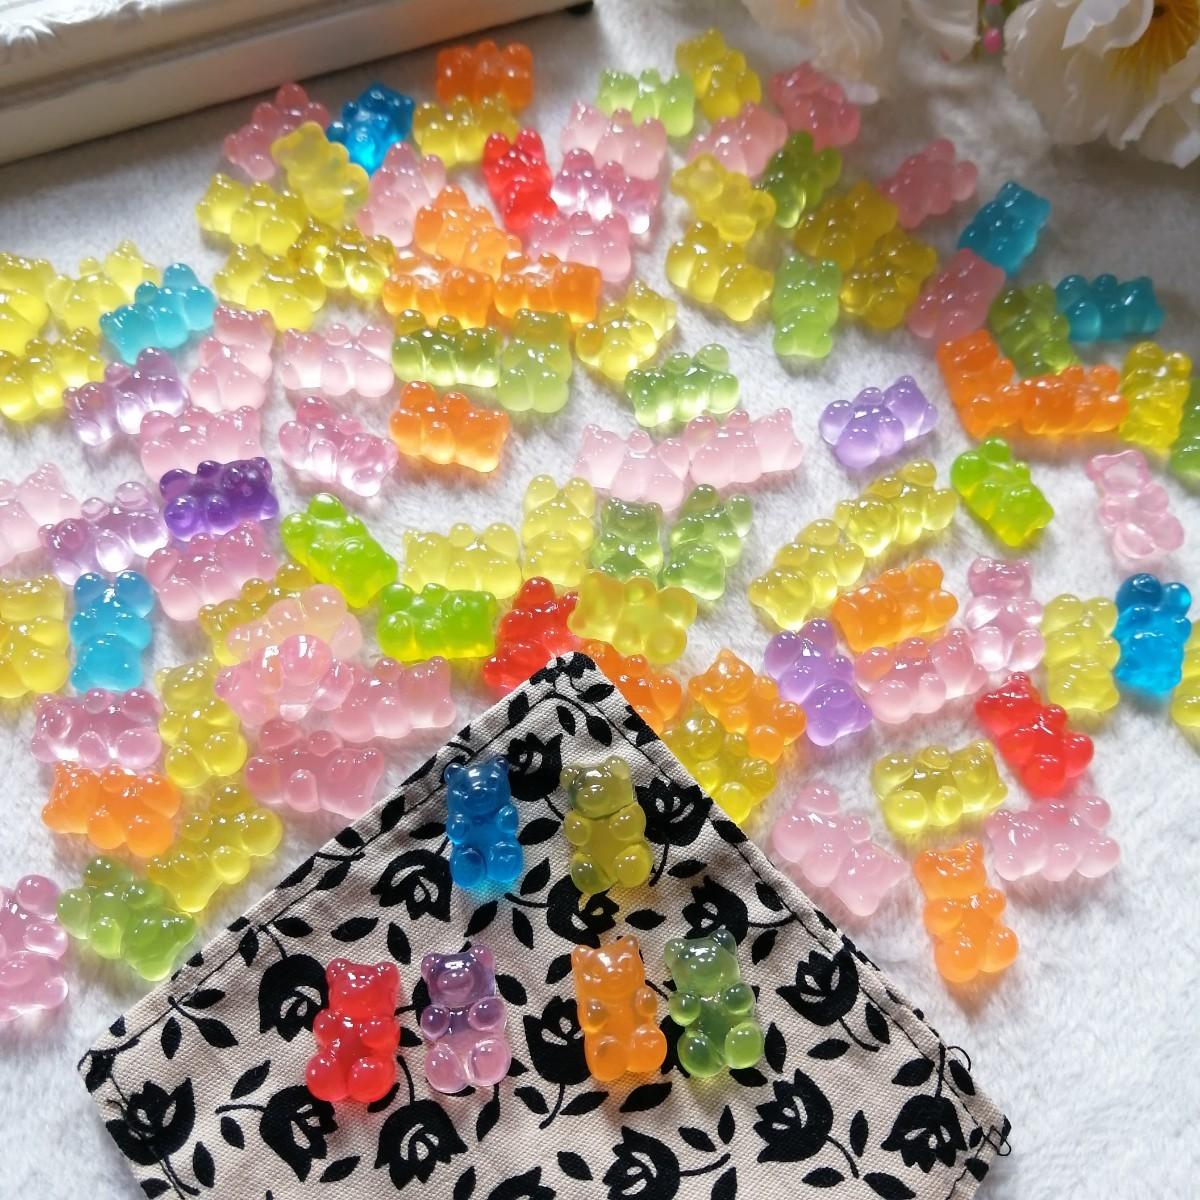 デコパーツ プラパーツ ハンドメイド 手作り 花台 材料 大量 パーツ 熊FB5